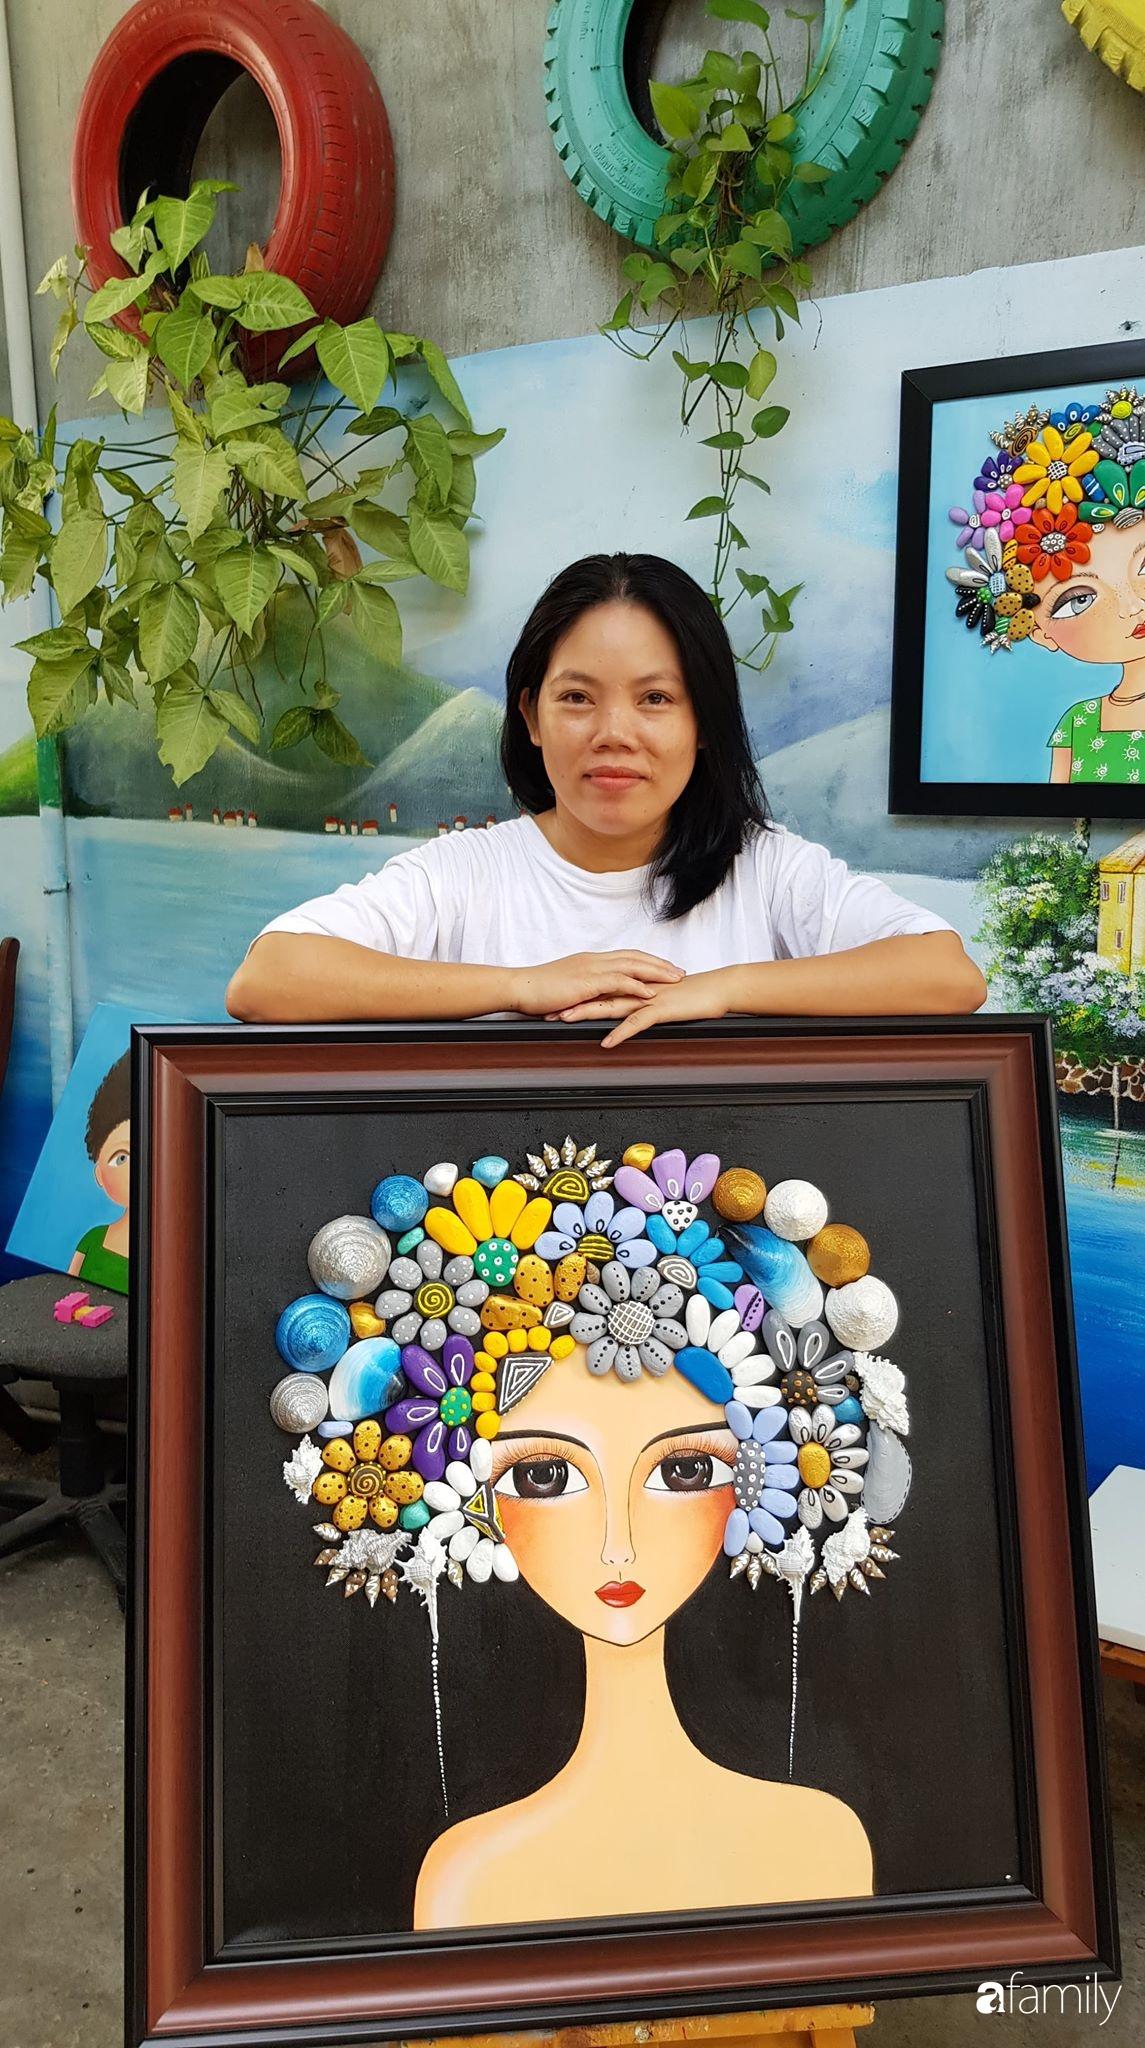 Bỏ 2 triệu, mẹ đảm ở Đà Nẵng trang trí lại không gian sống đẹp như mơ chỉ từ những món đồ tái chế mà ai cũng bỏ đi - Ảnh 2.